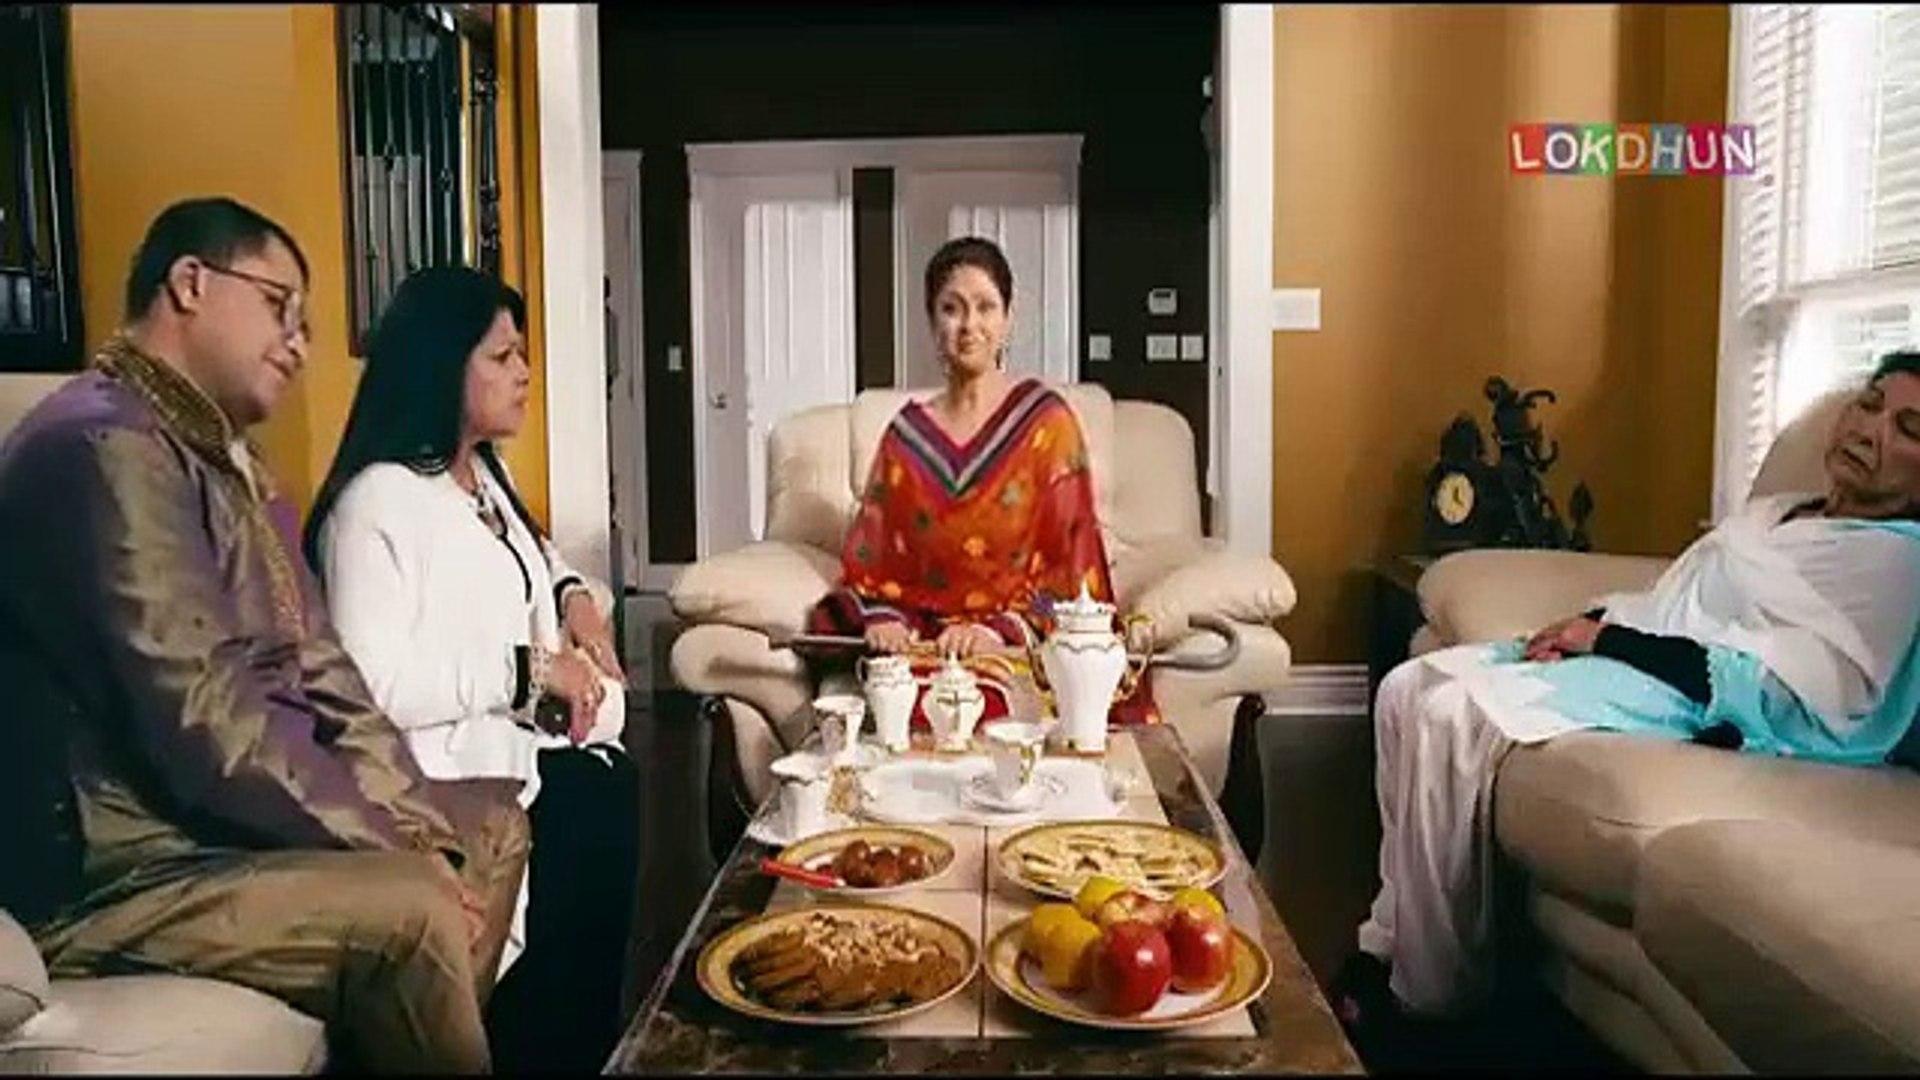 Jatt & Juliet 2 - Latest Punjabi Film - New Punjabi Movie HD - Popular Punjabi Films part (2) Da